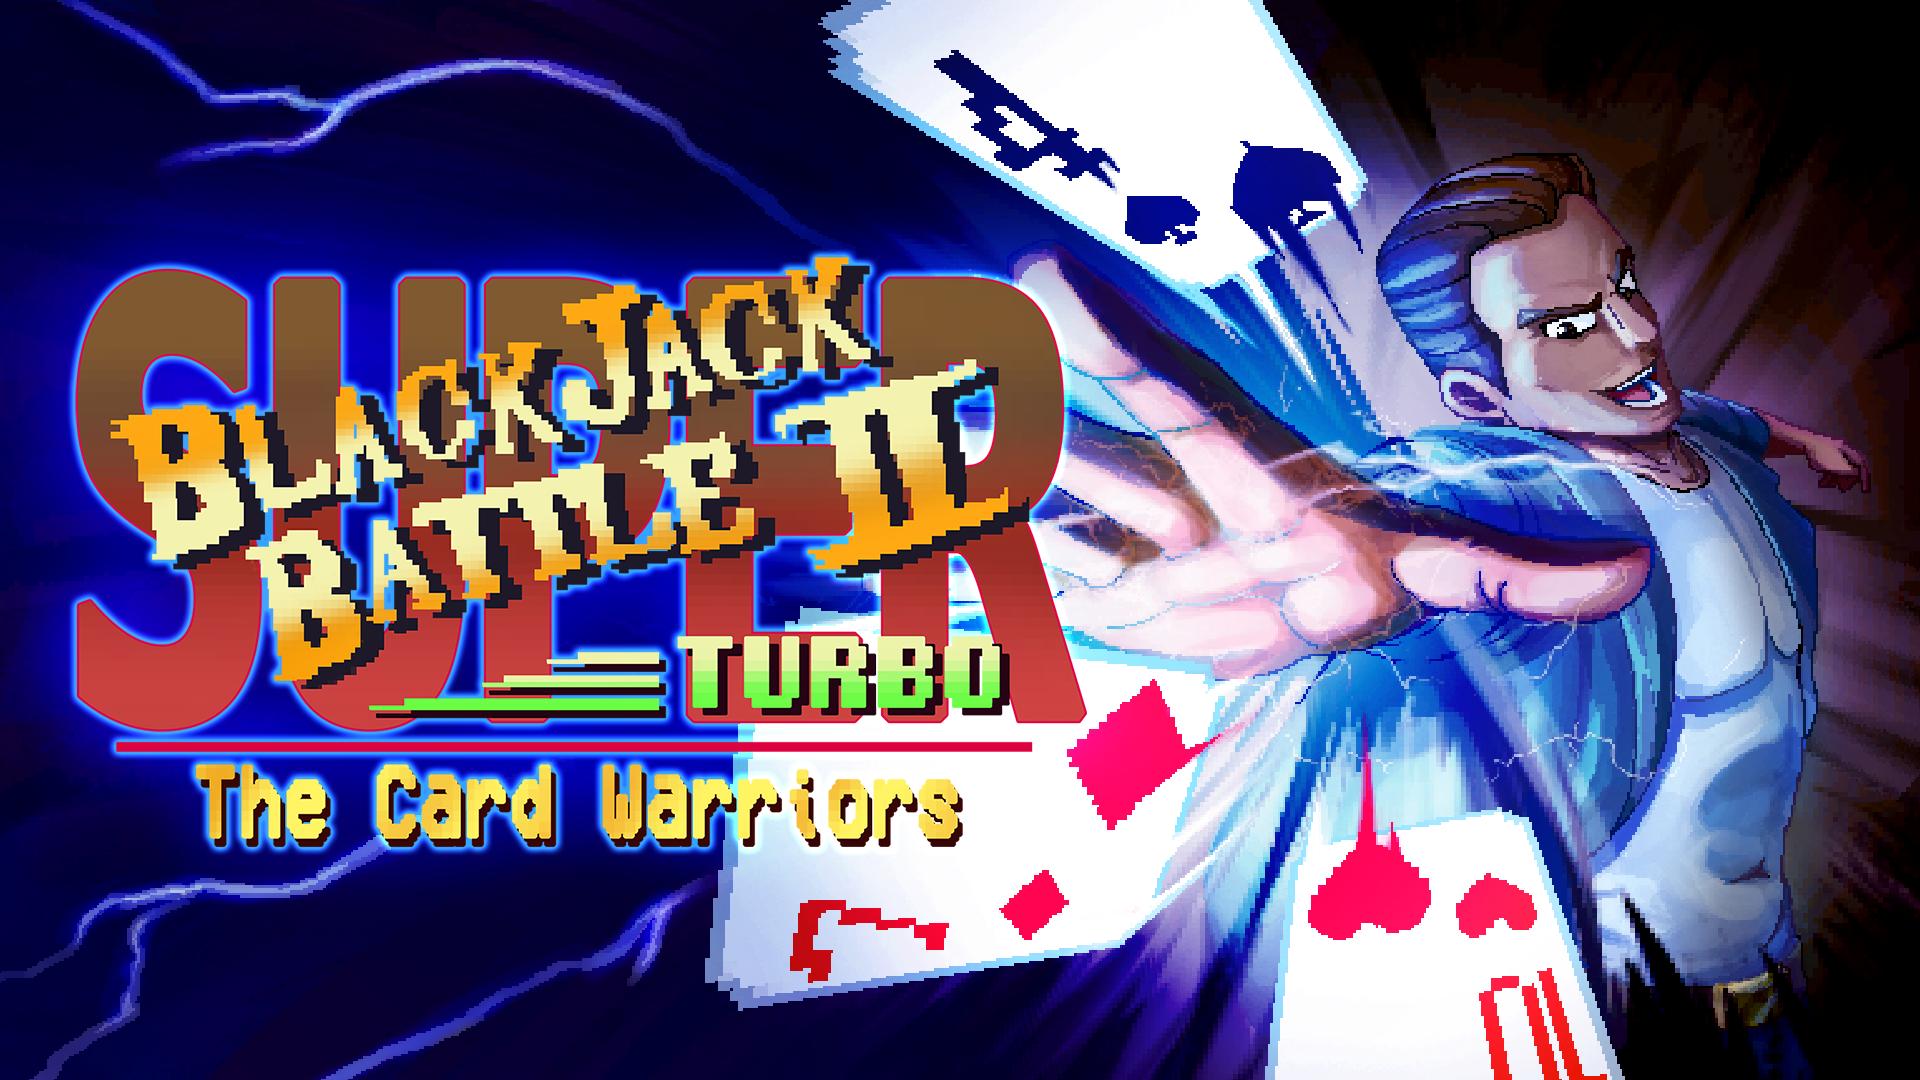 Super Blackjack Battle II Turbo Edition – Ab dem 11. Mai auch auf mobilen Geräten erhältlich